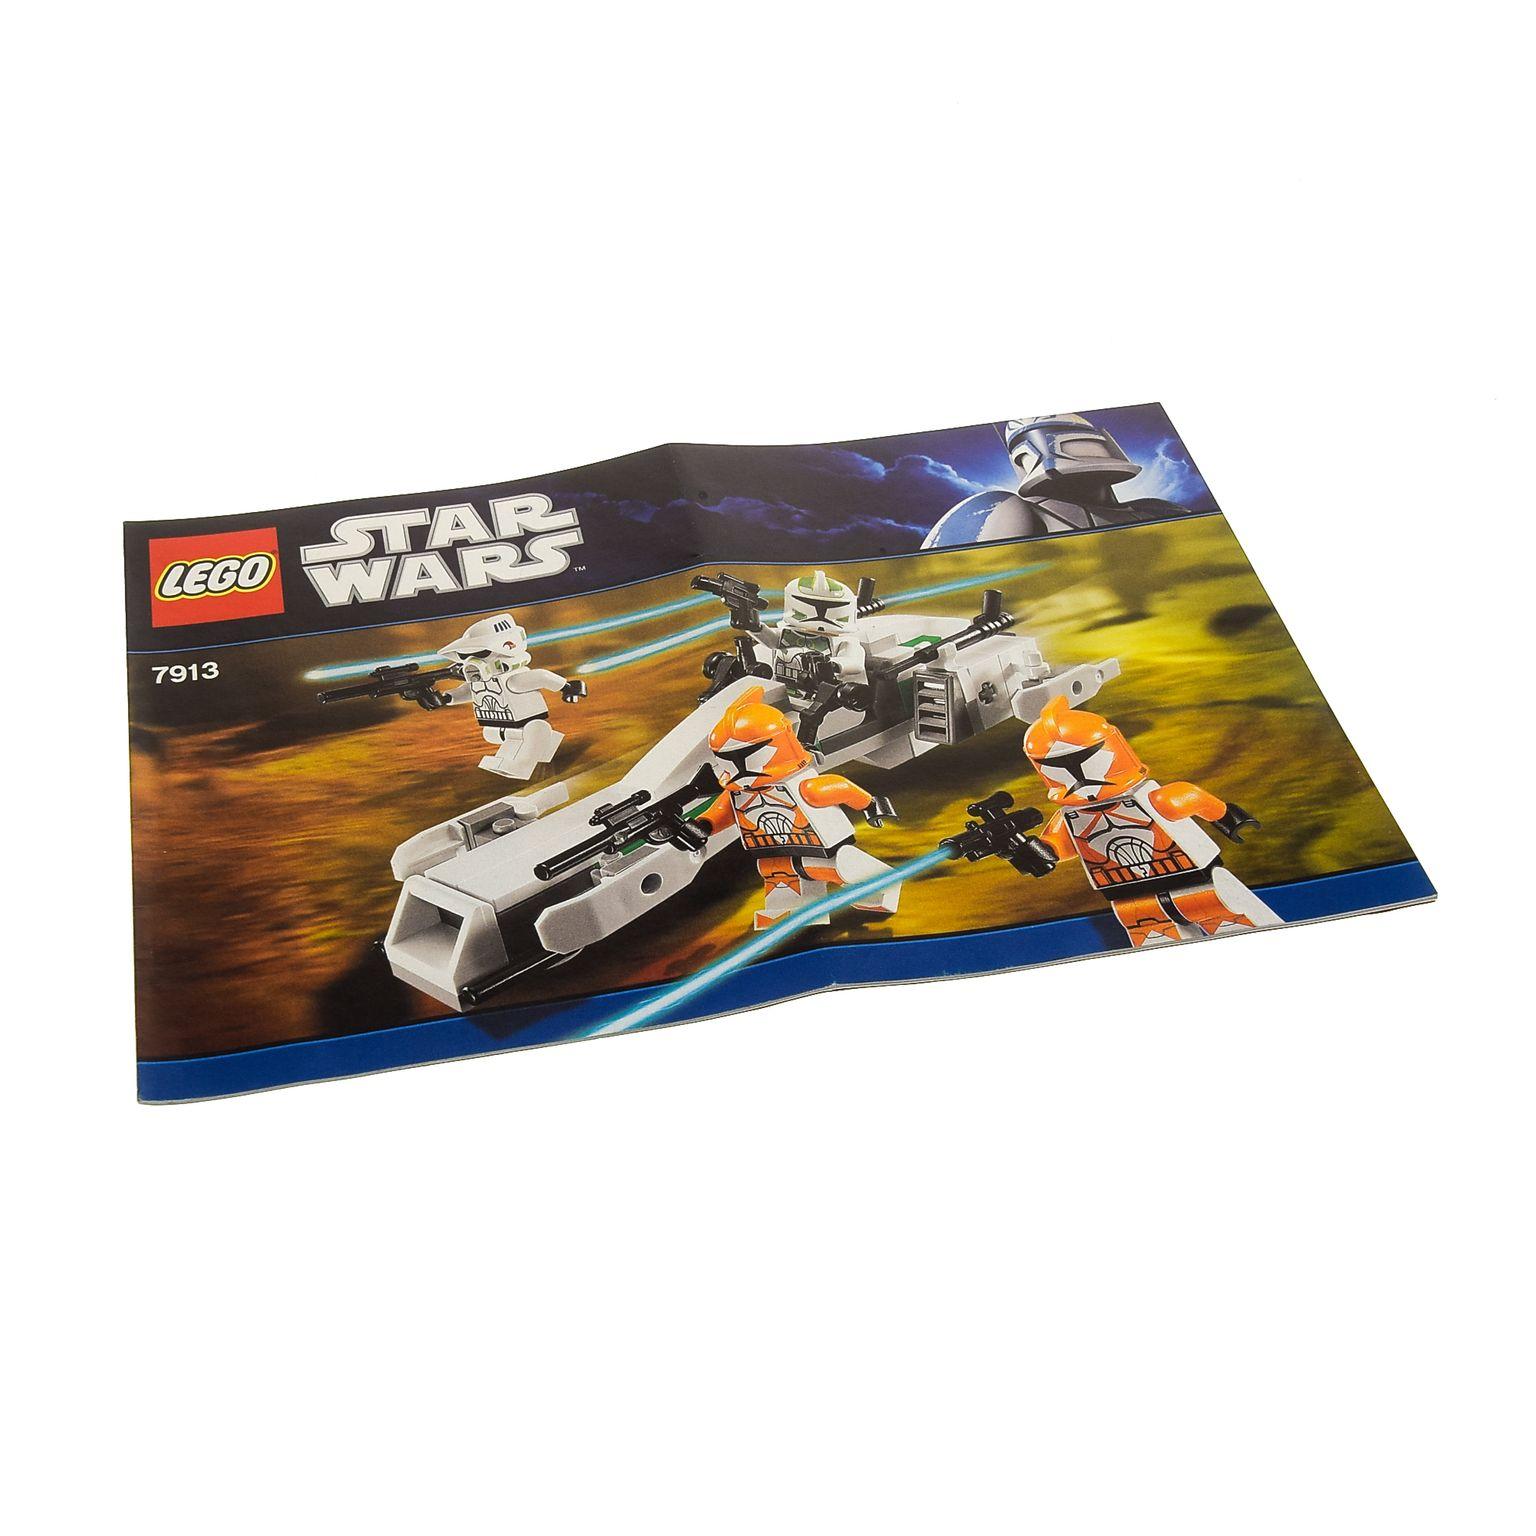 7913 LEGO StarWars Clone Trooper Battle Pack günstig kaufen